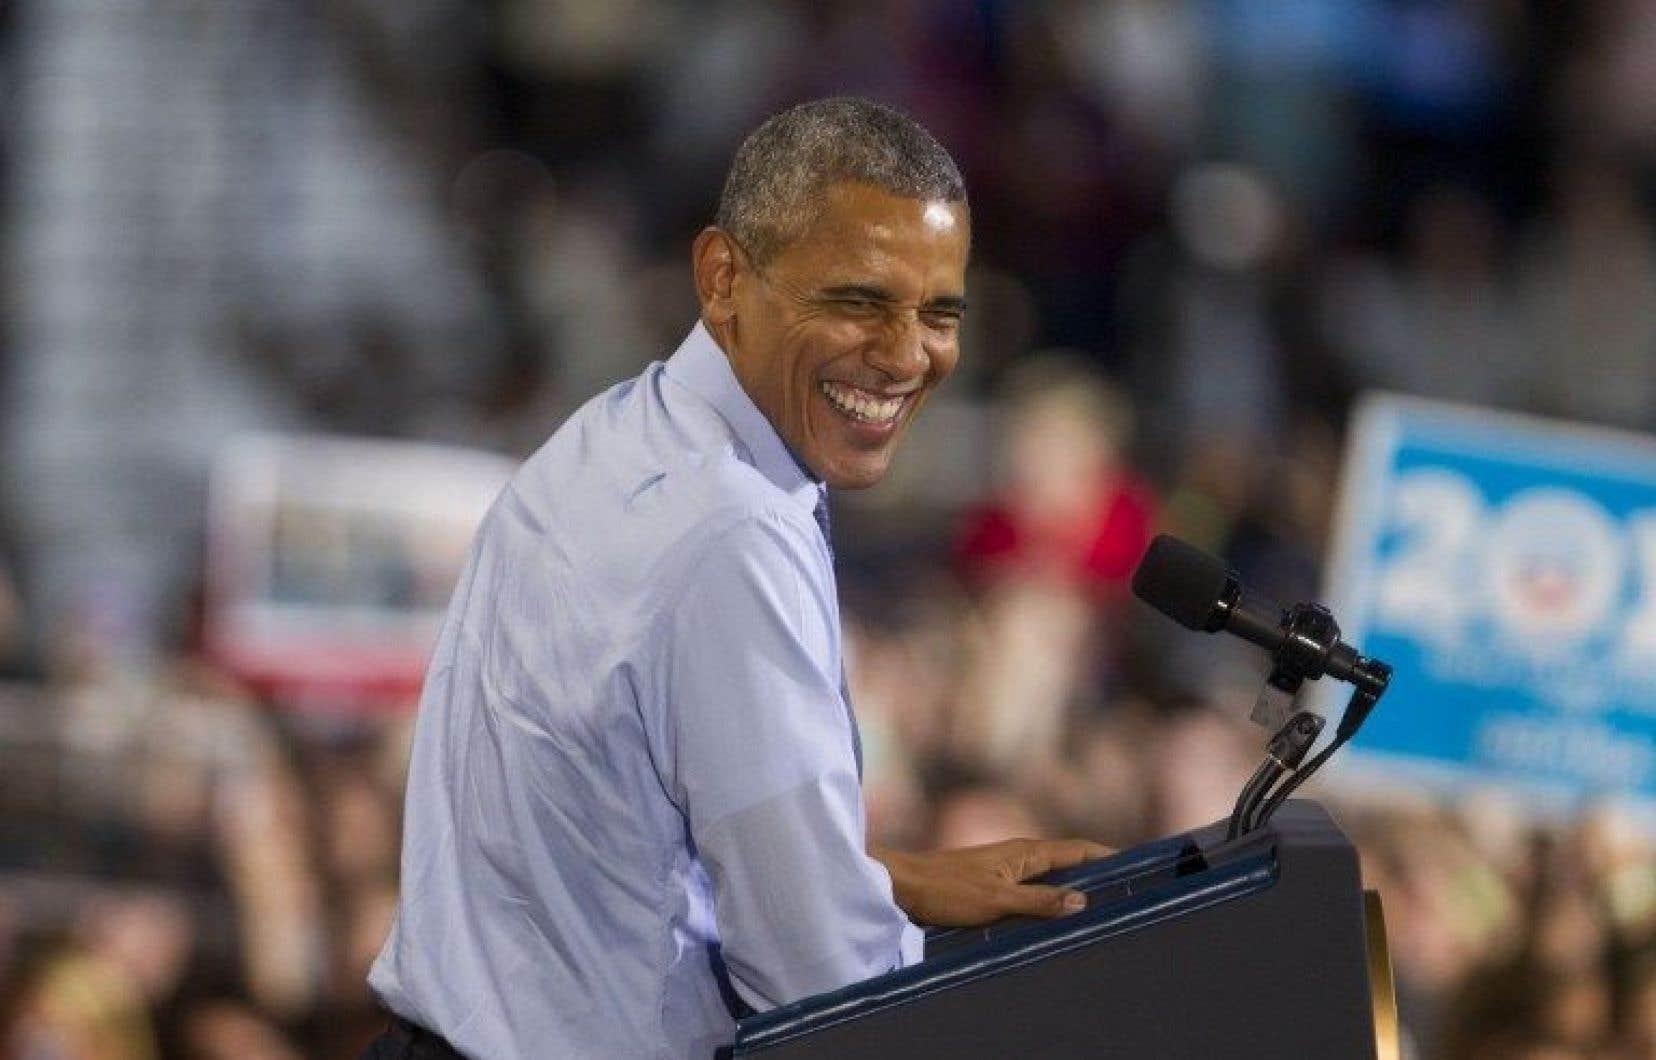 Hillary Clinton a pu profiter de l'appui du président Barack Obama, dont la popularité reste forte.